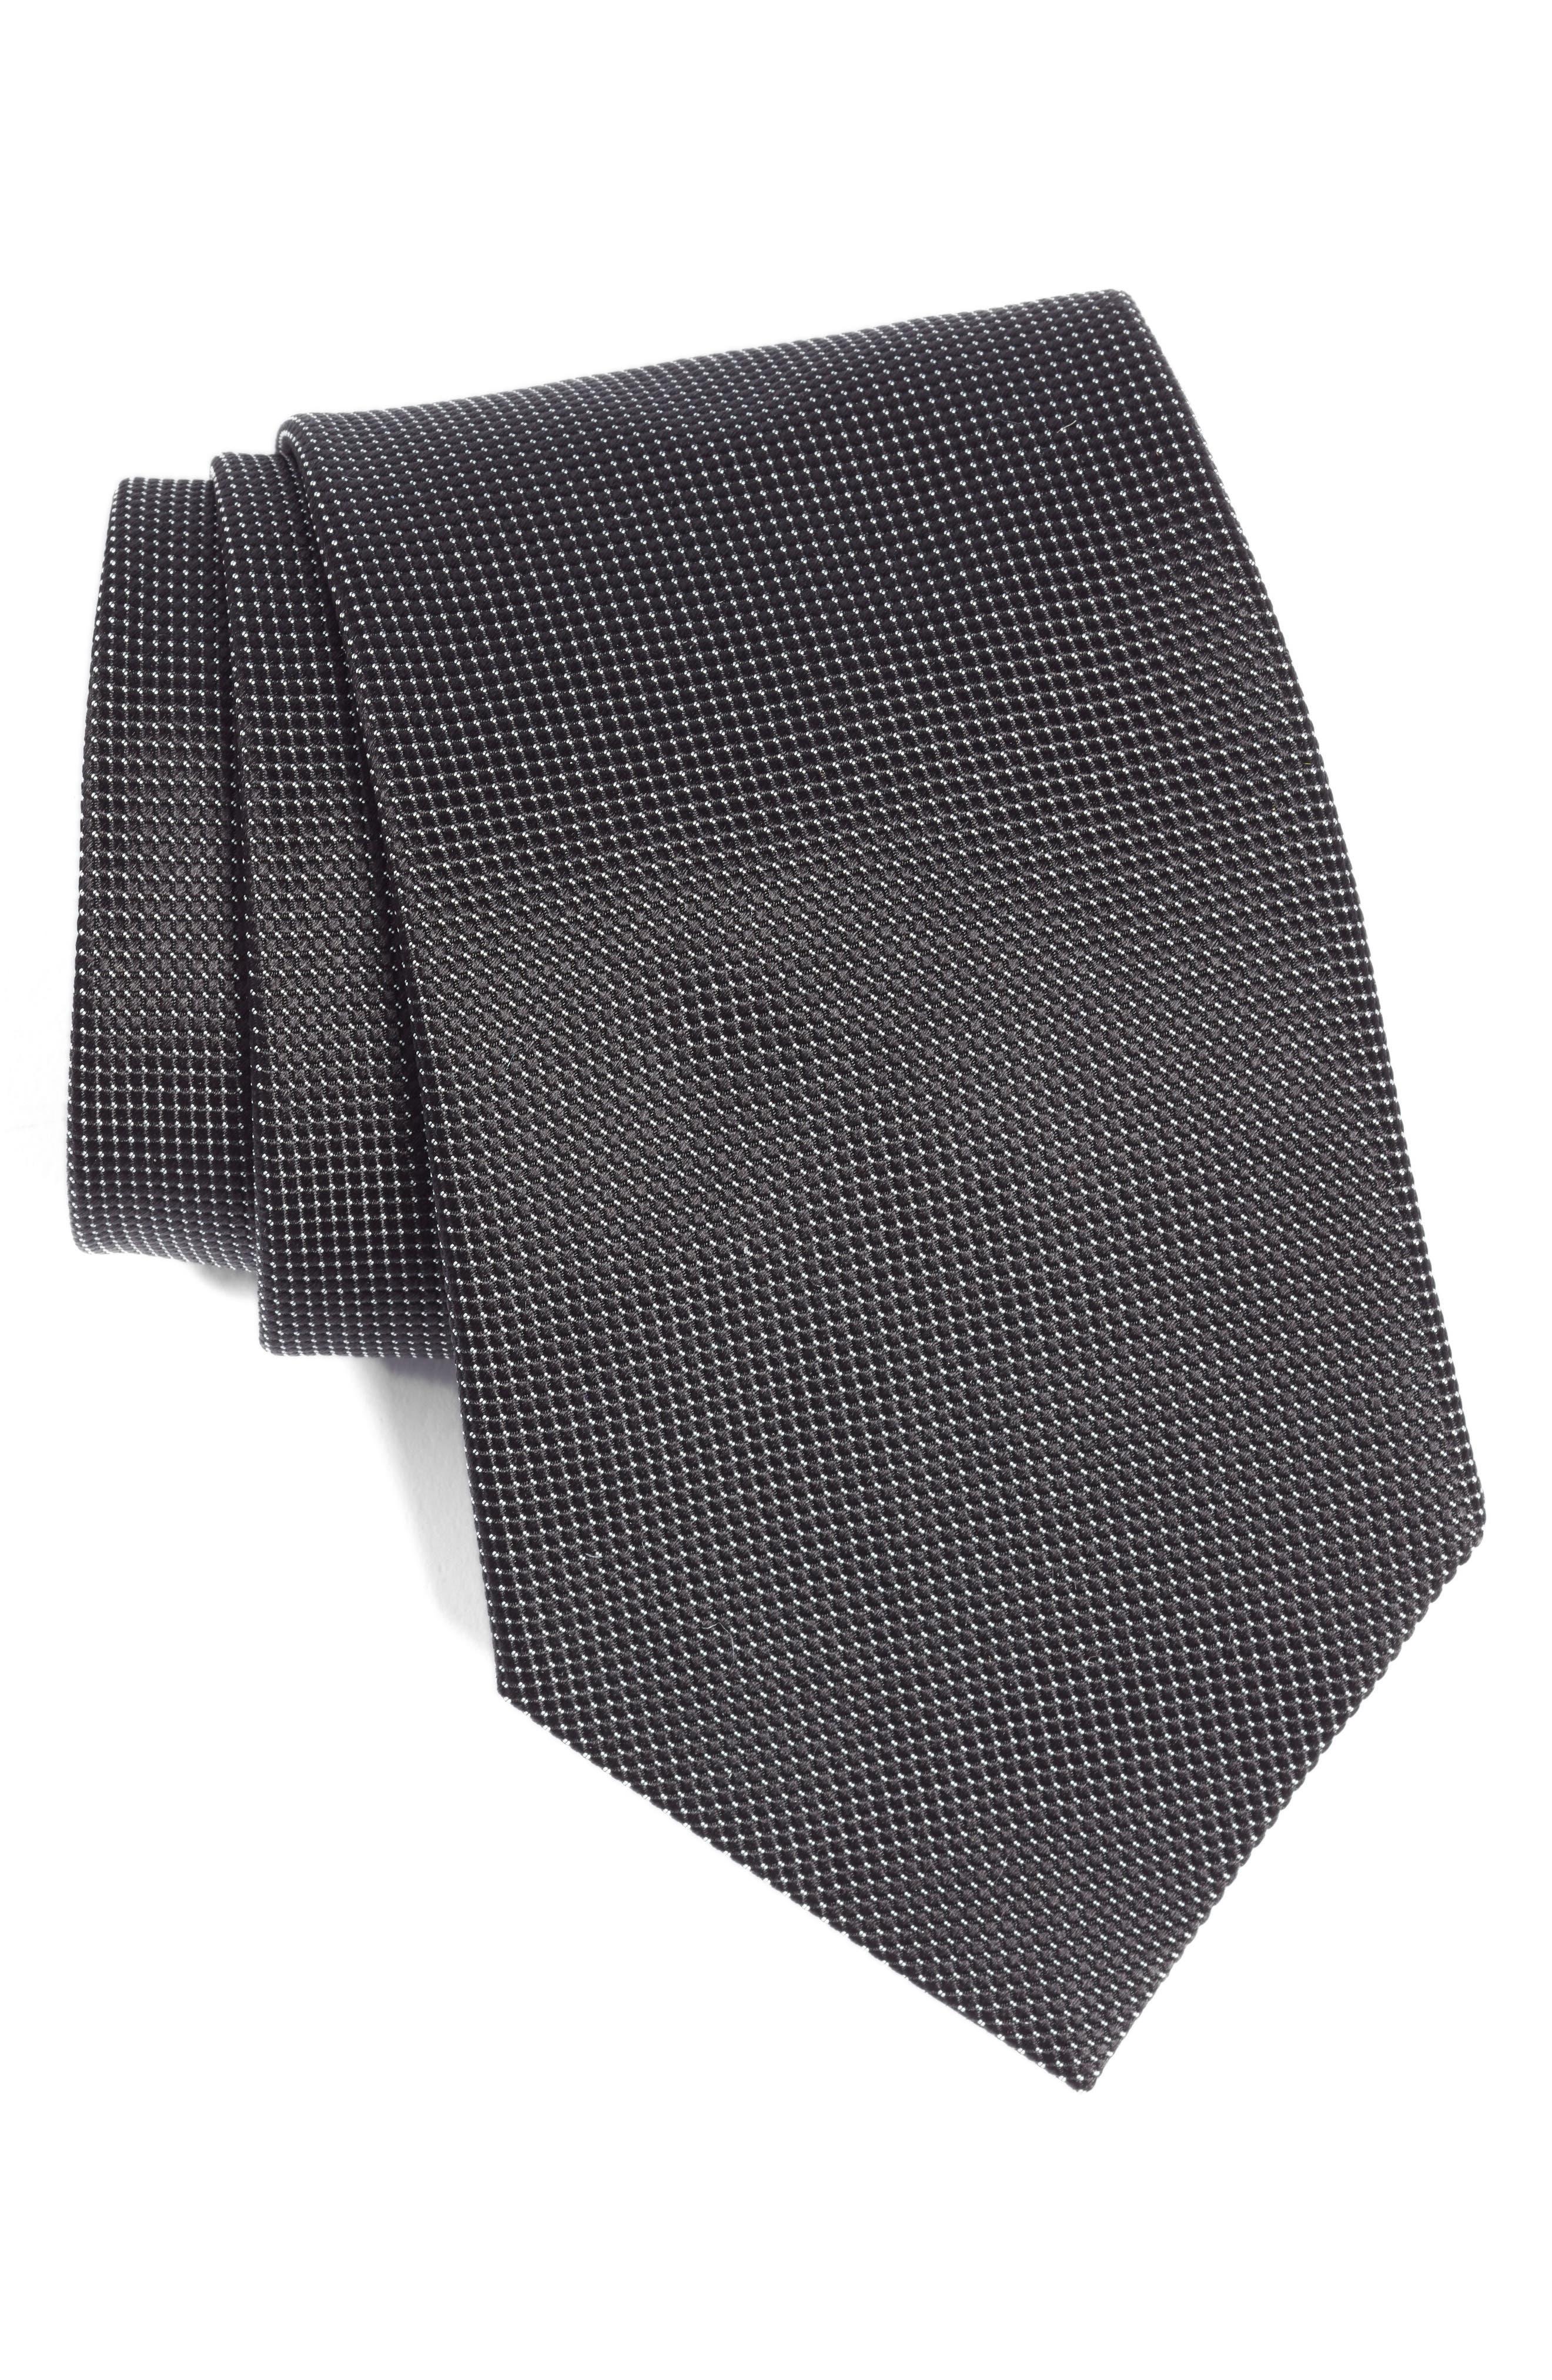 Solid Jacquard Silk Tie, Main, color, BLACK